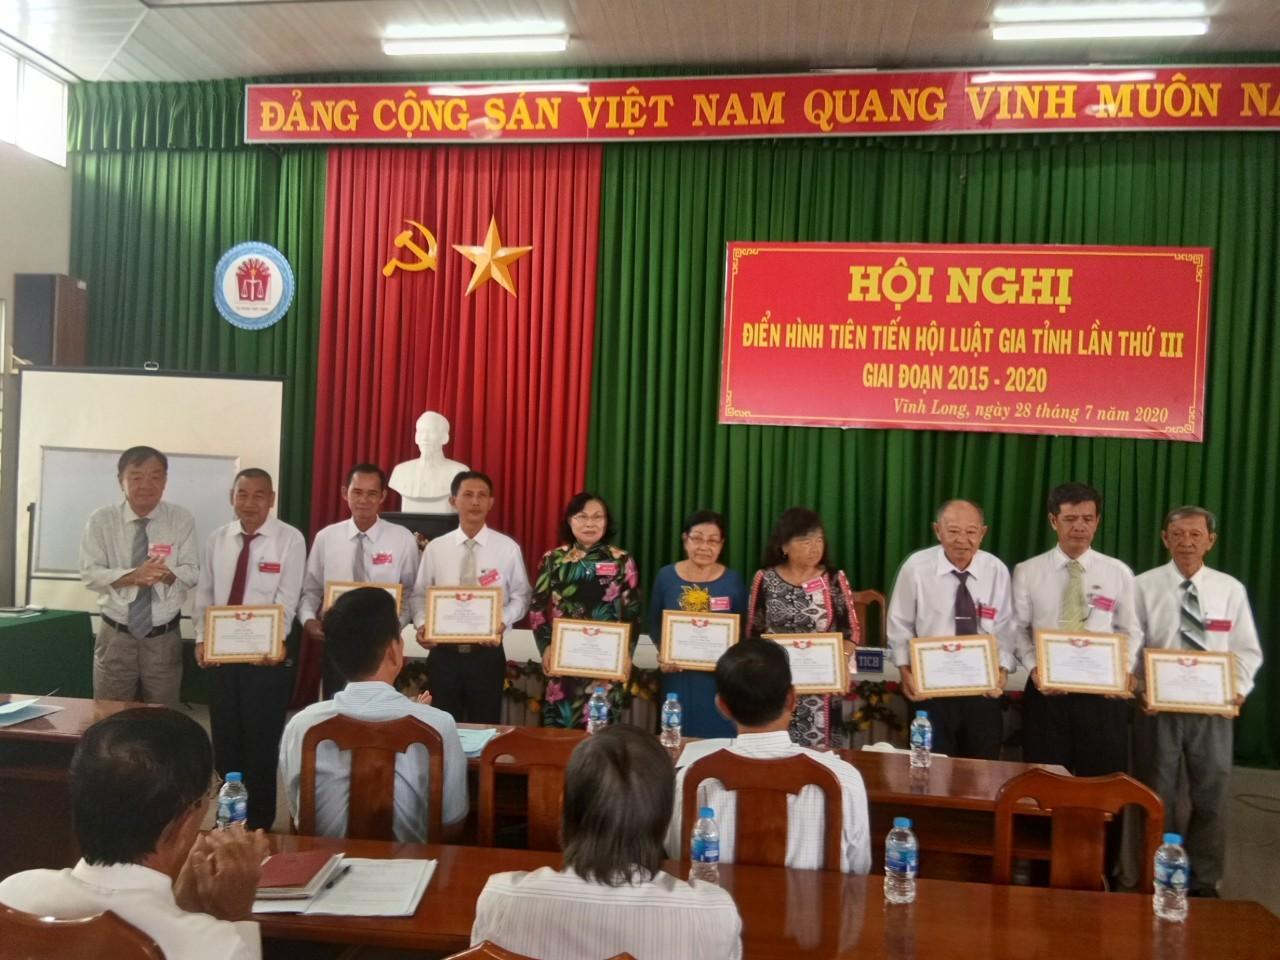 Hội Luật gia tỉnh Vĩnh Long tổ chức Hội nghị điển hình tiến lần thứ III